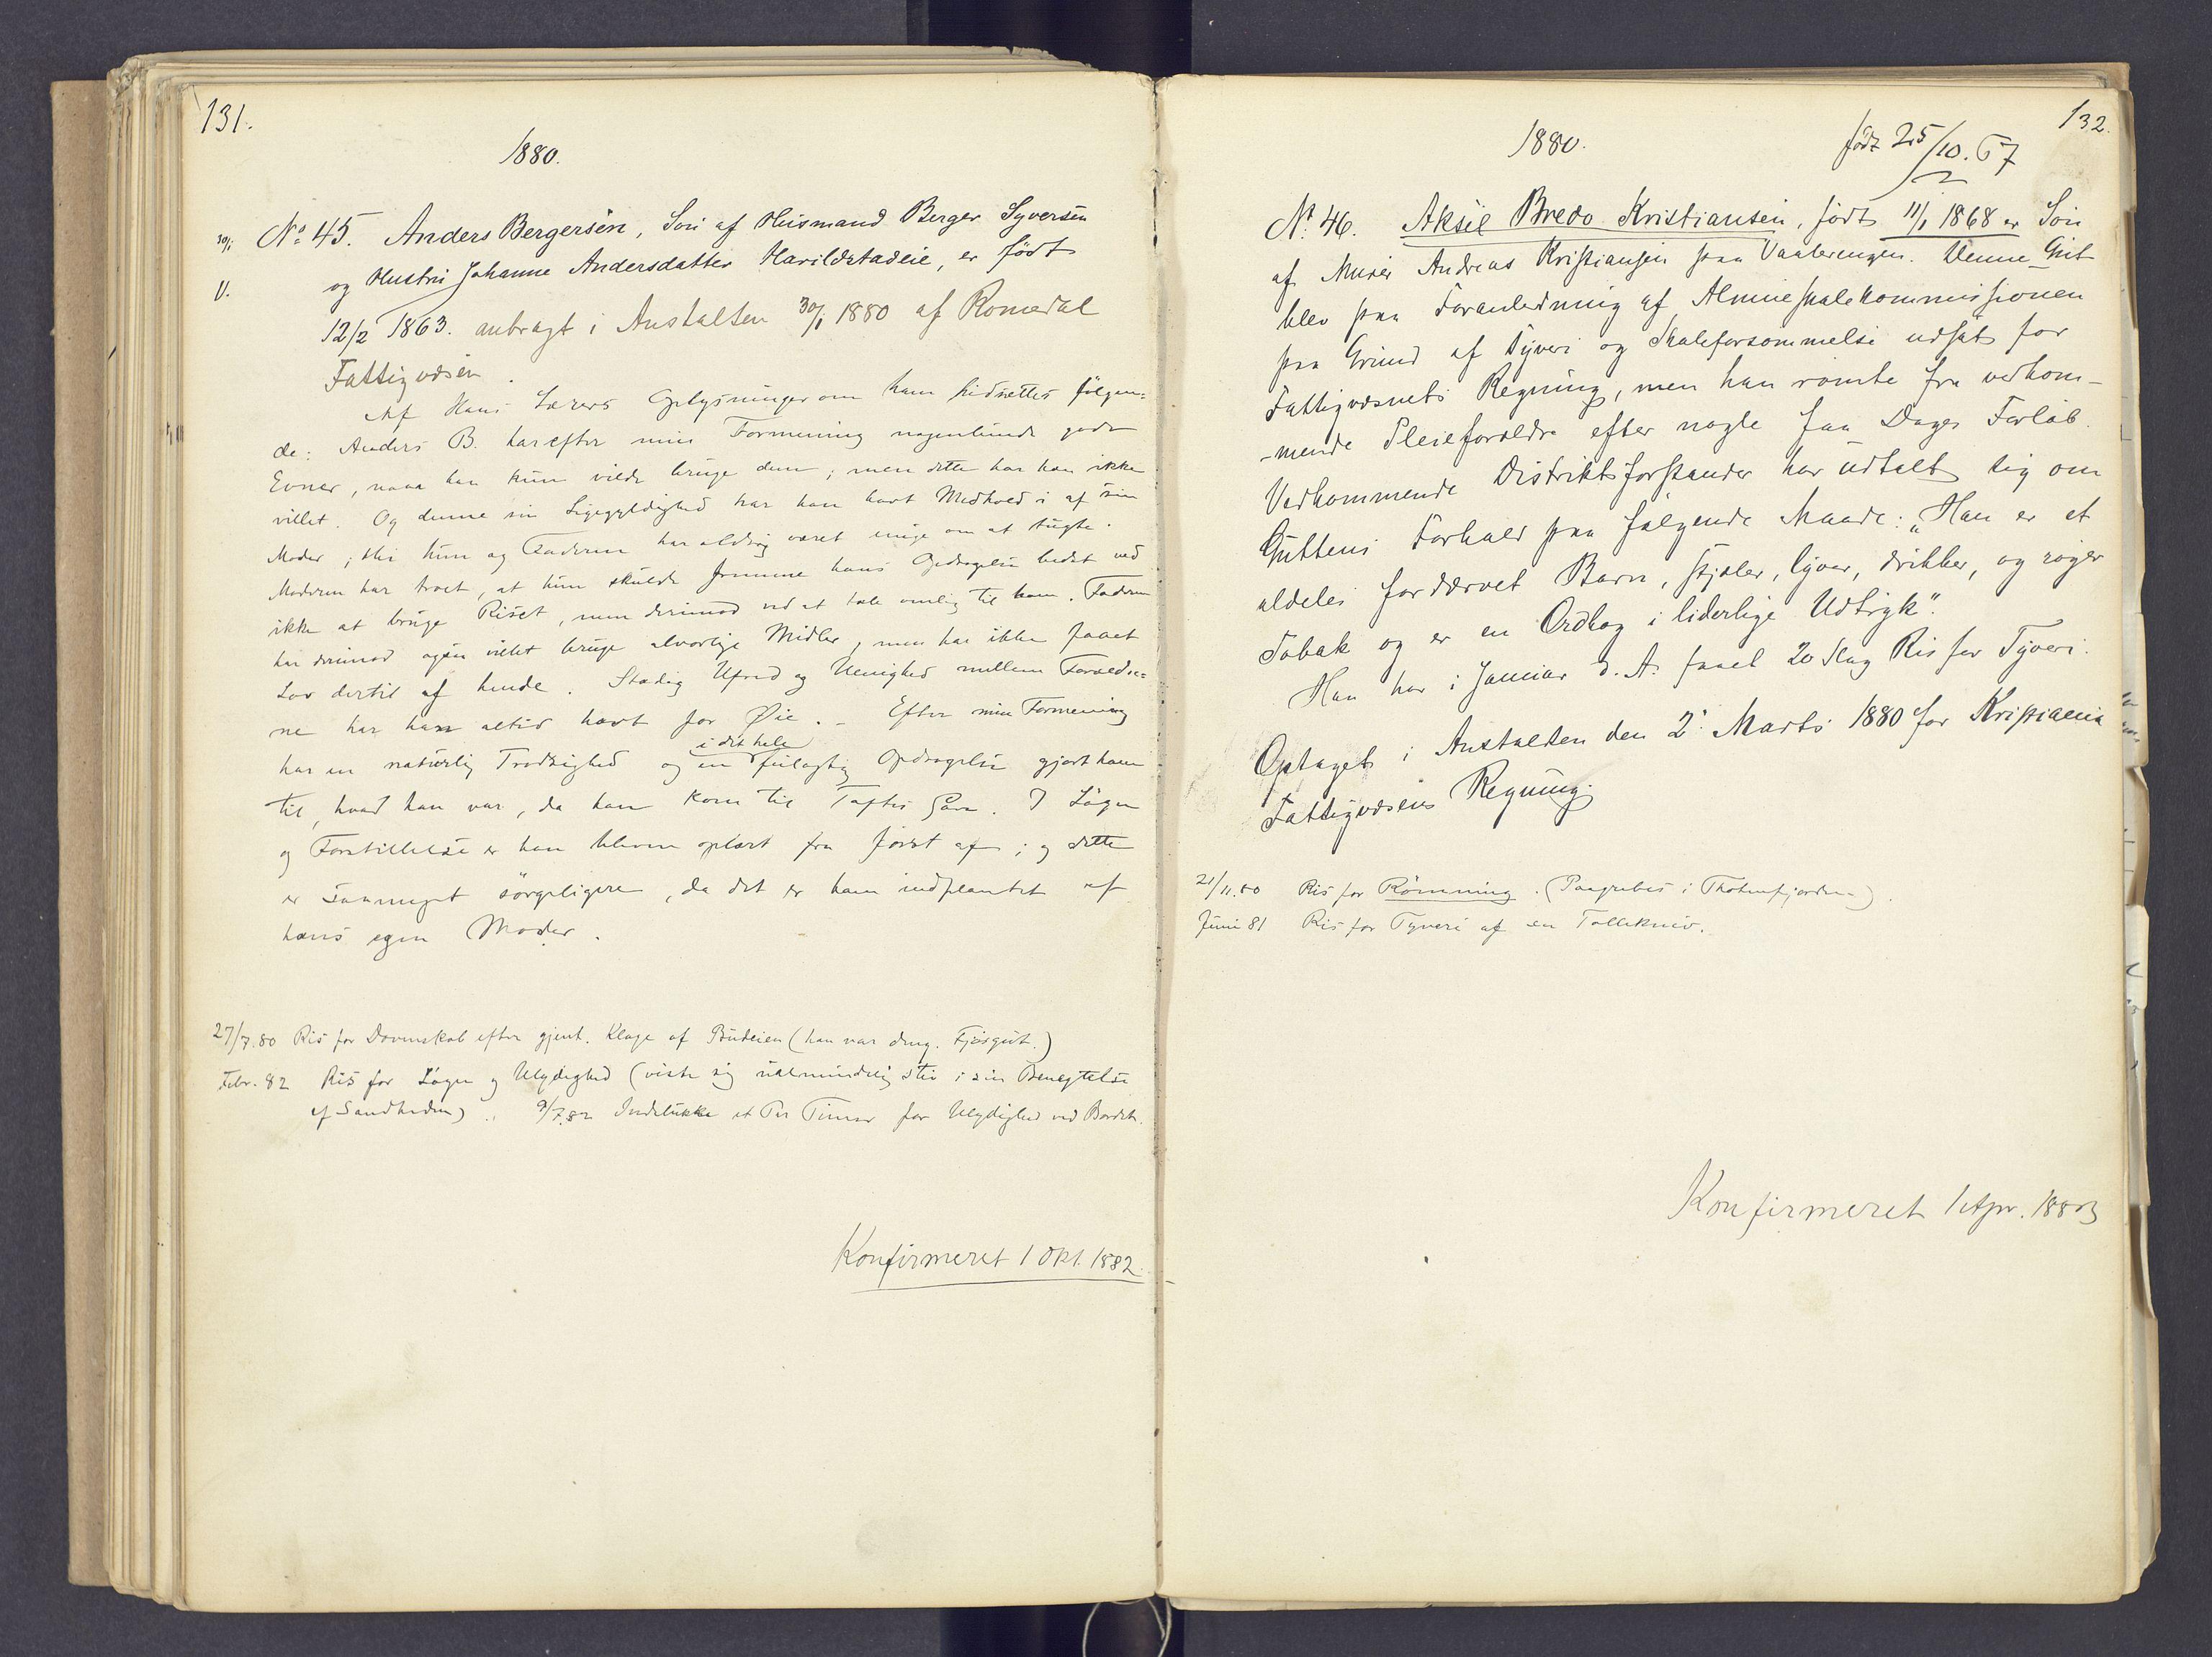 SAH, Toftes Gave, F/Fc/L0002: Elevprotokoll, 1870-1885, s. 131-132